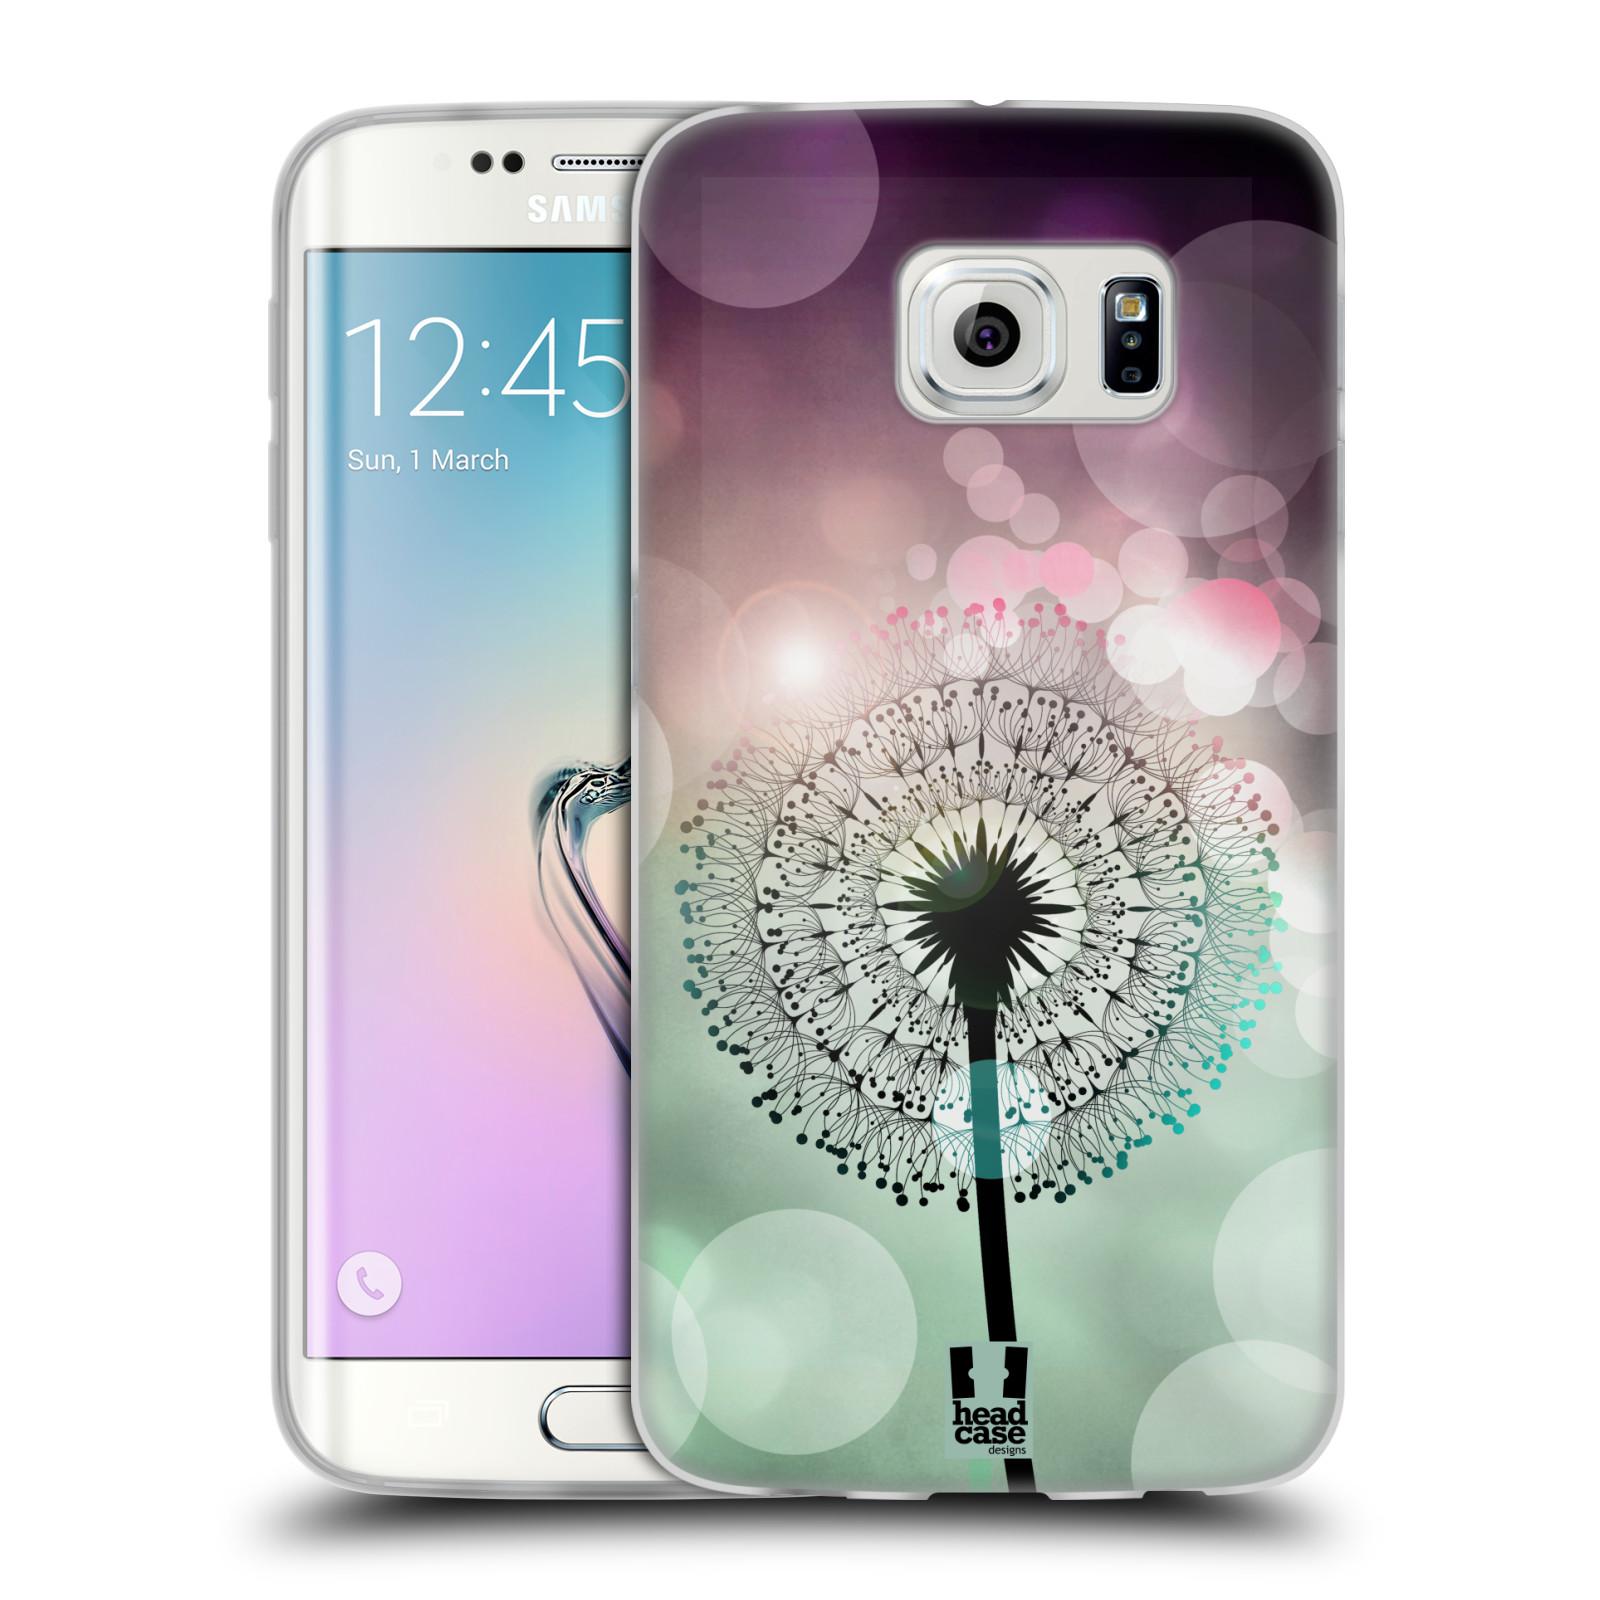 Silikonové pouzdro na mobil Samsung Galaxy S6 Edge HEAD CASE Pampeliškové odlesky (Silikonový kryt či obal na mobilní telefon Samsung Galaxy S6 Edge SM-G925F)